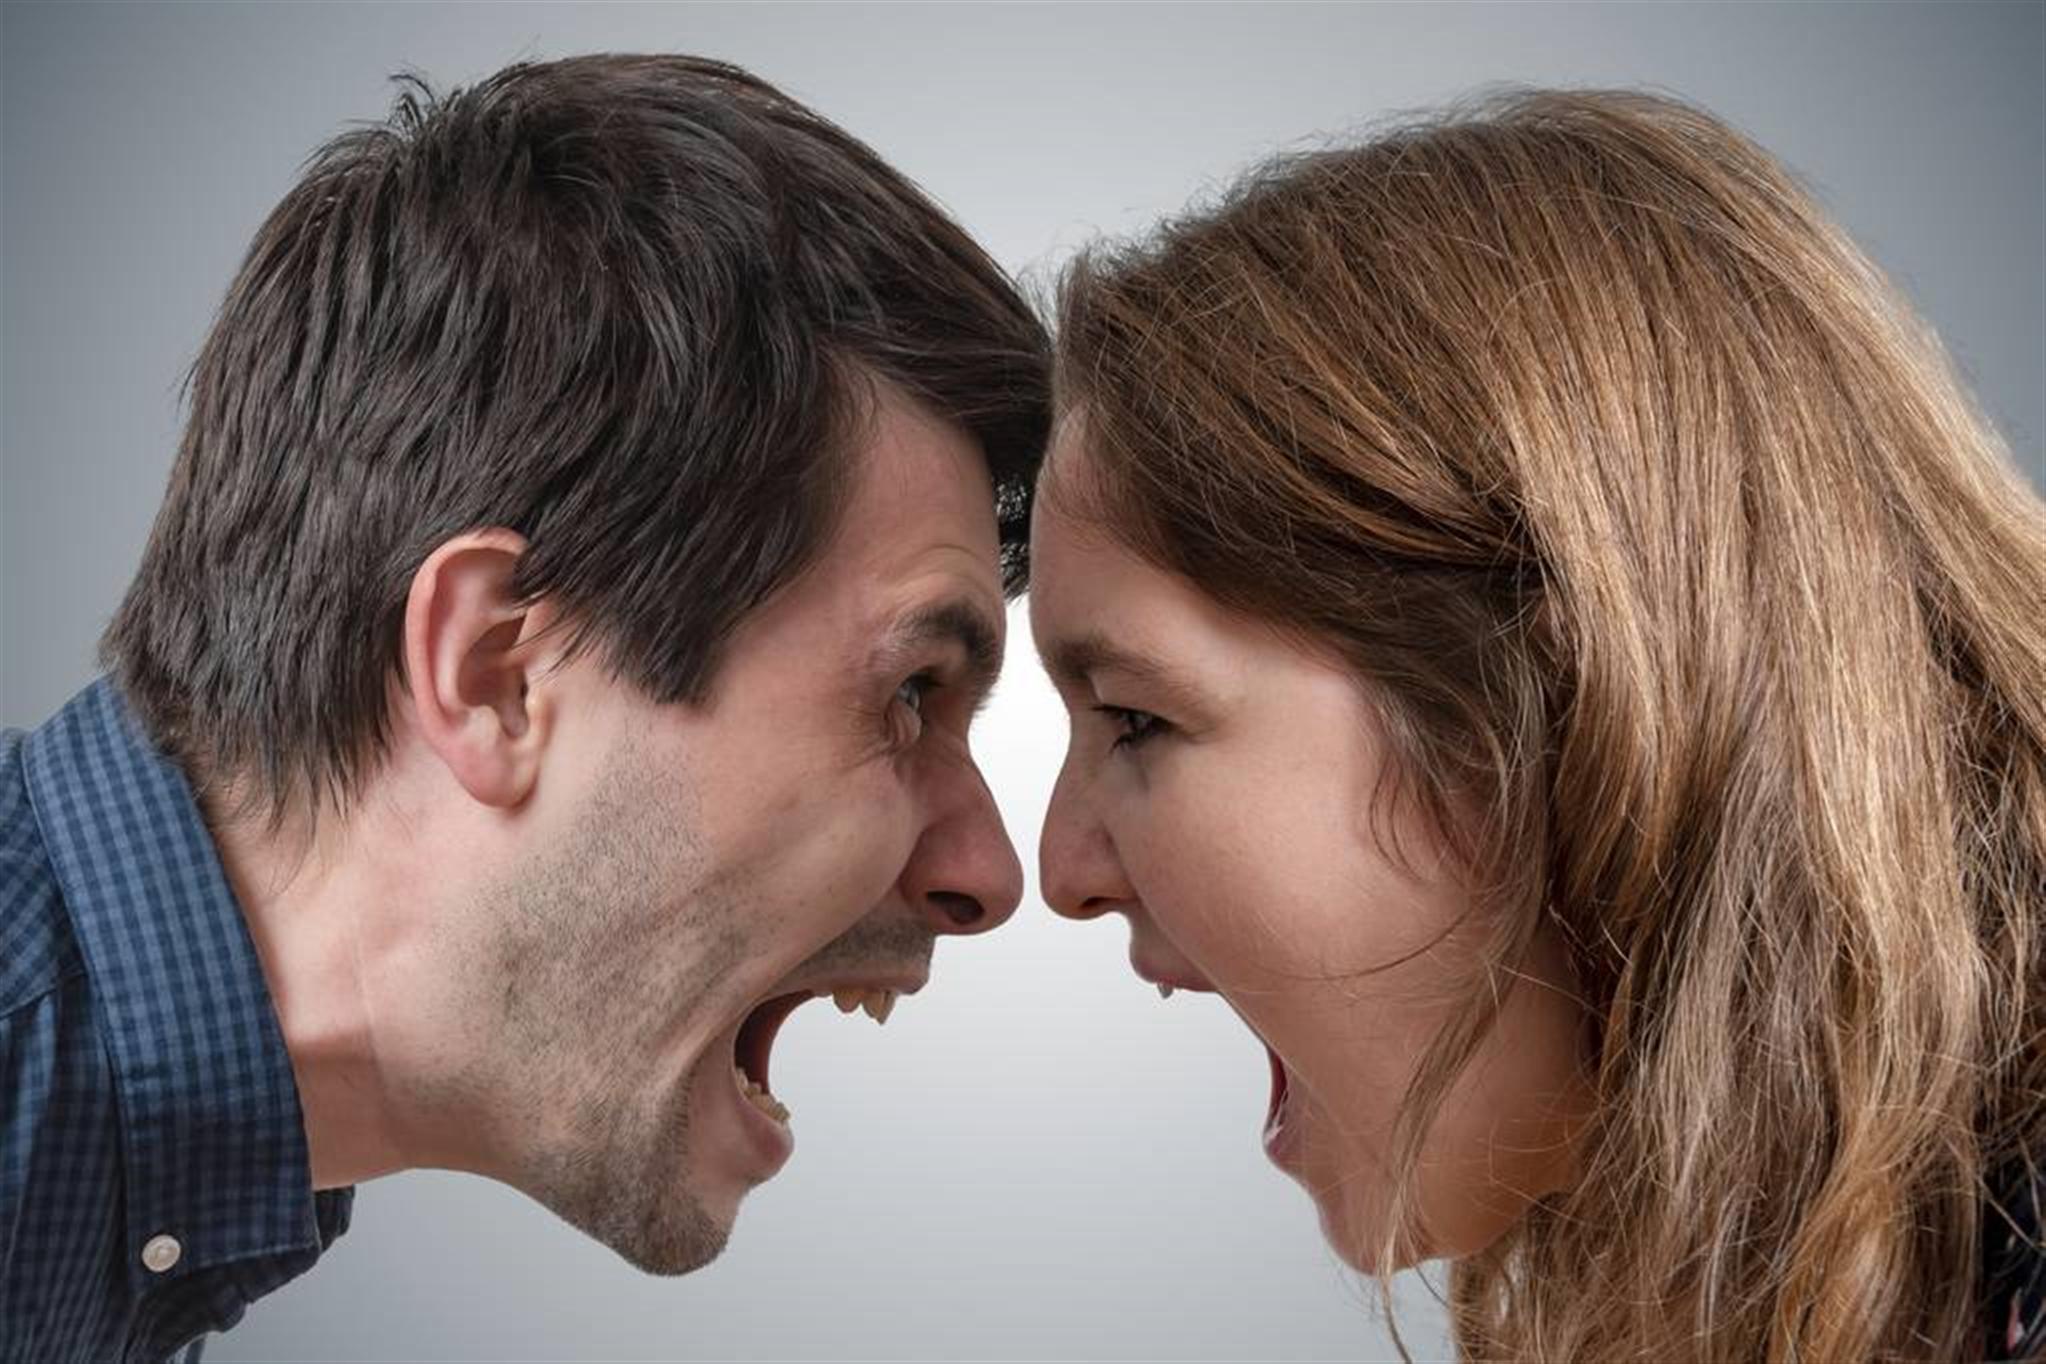 梦见自己可能要离婚梦见自己离婚什么预兆